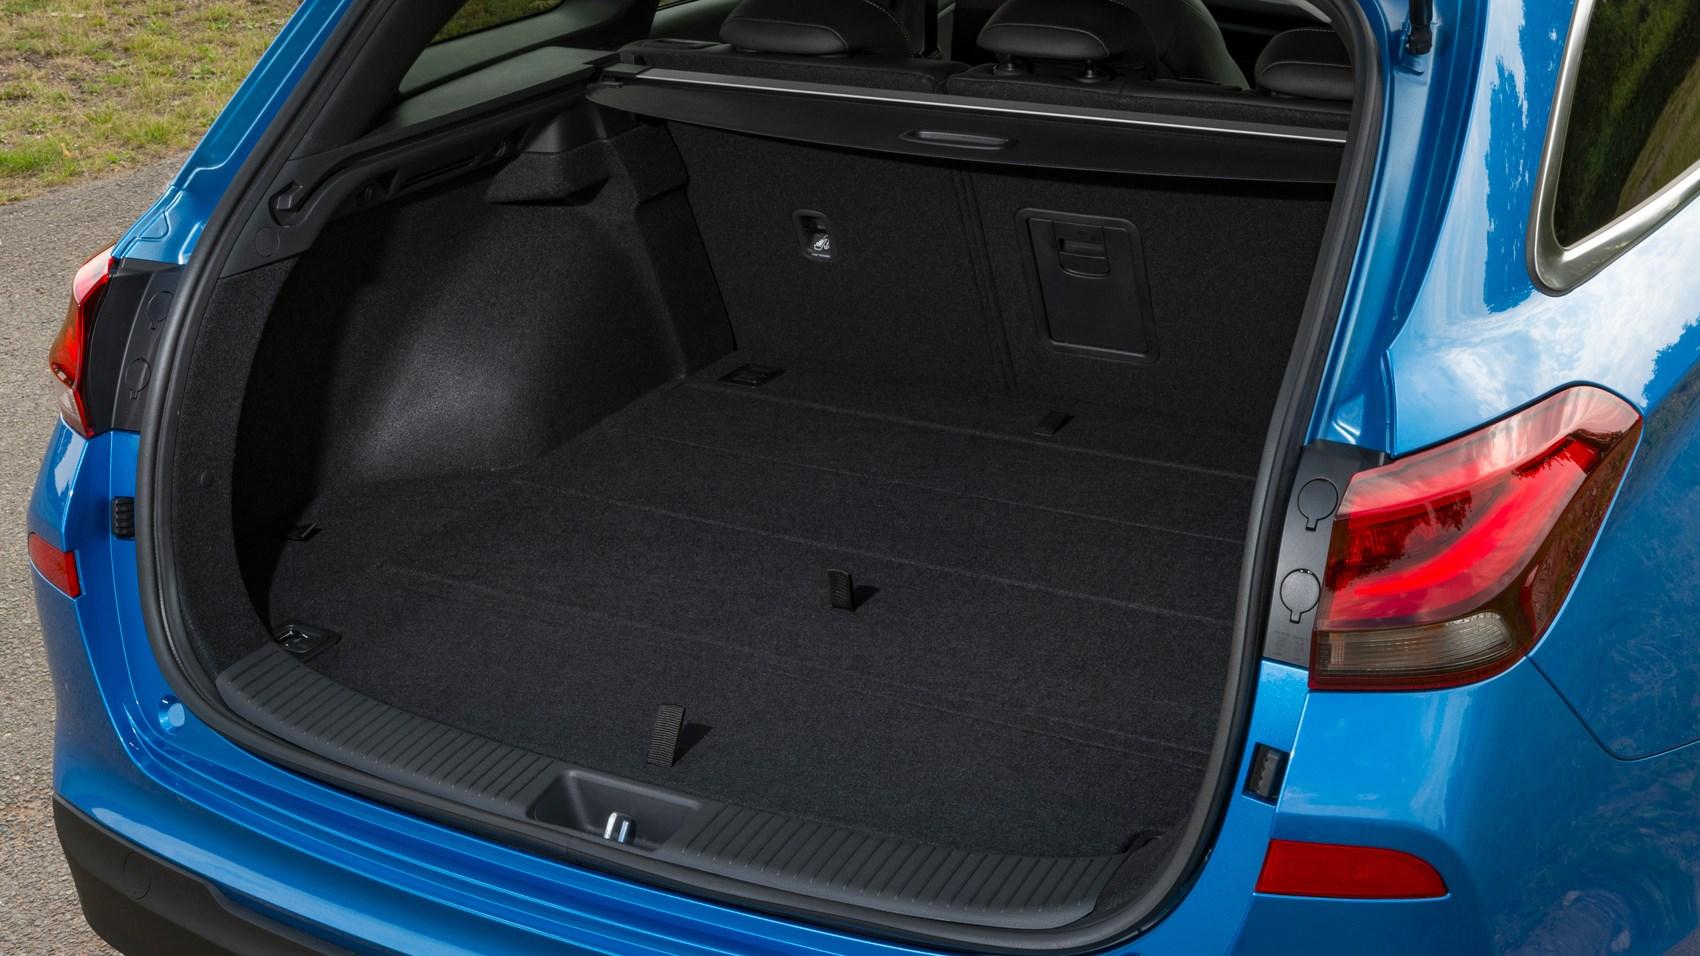 Hyundai i30 Tourer estate boot space